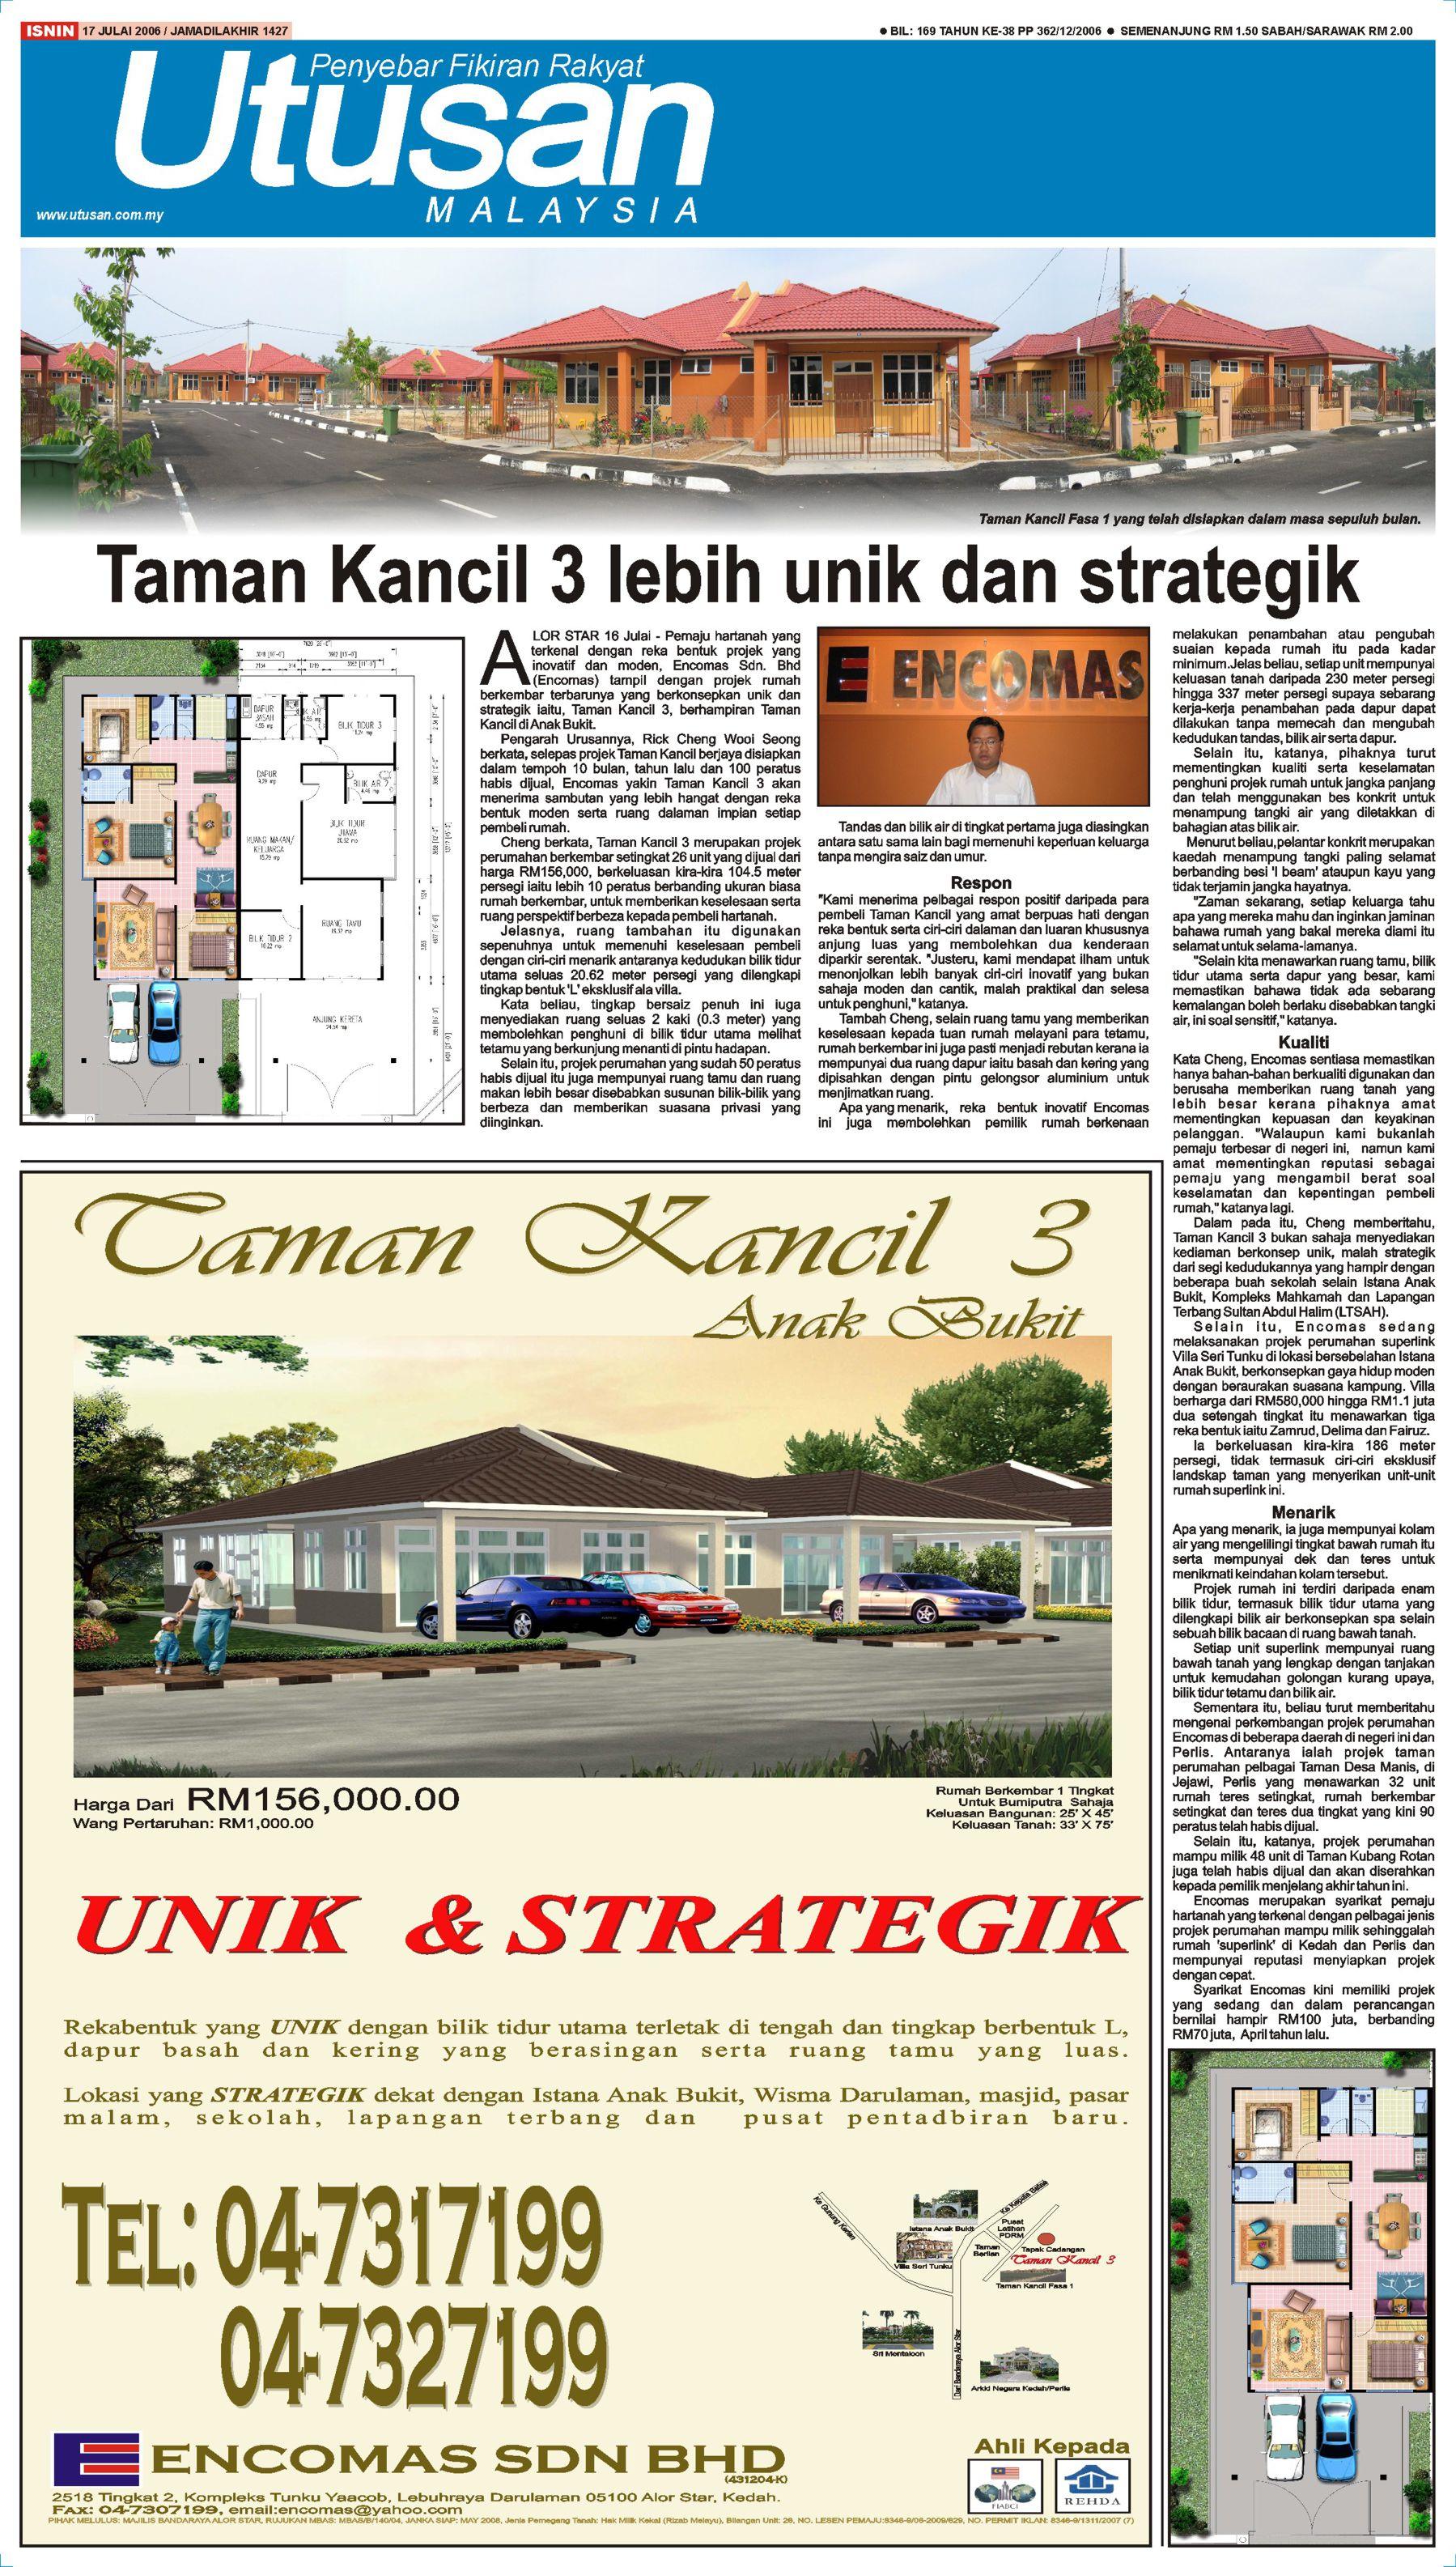 2006_07_17 Utusan - Launching Taman Kancil 3 at Anak Bukit, Alor Setar